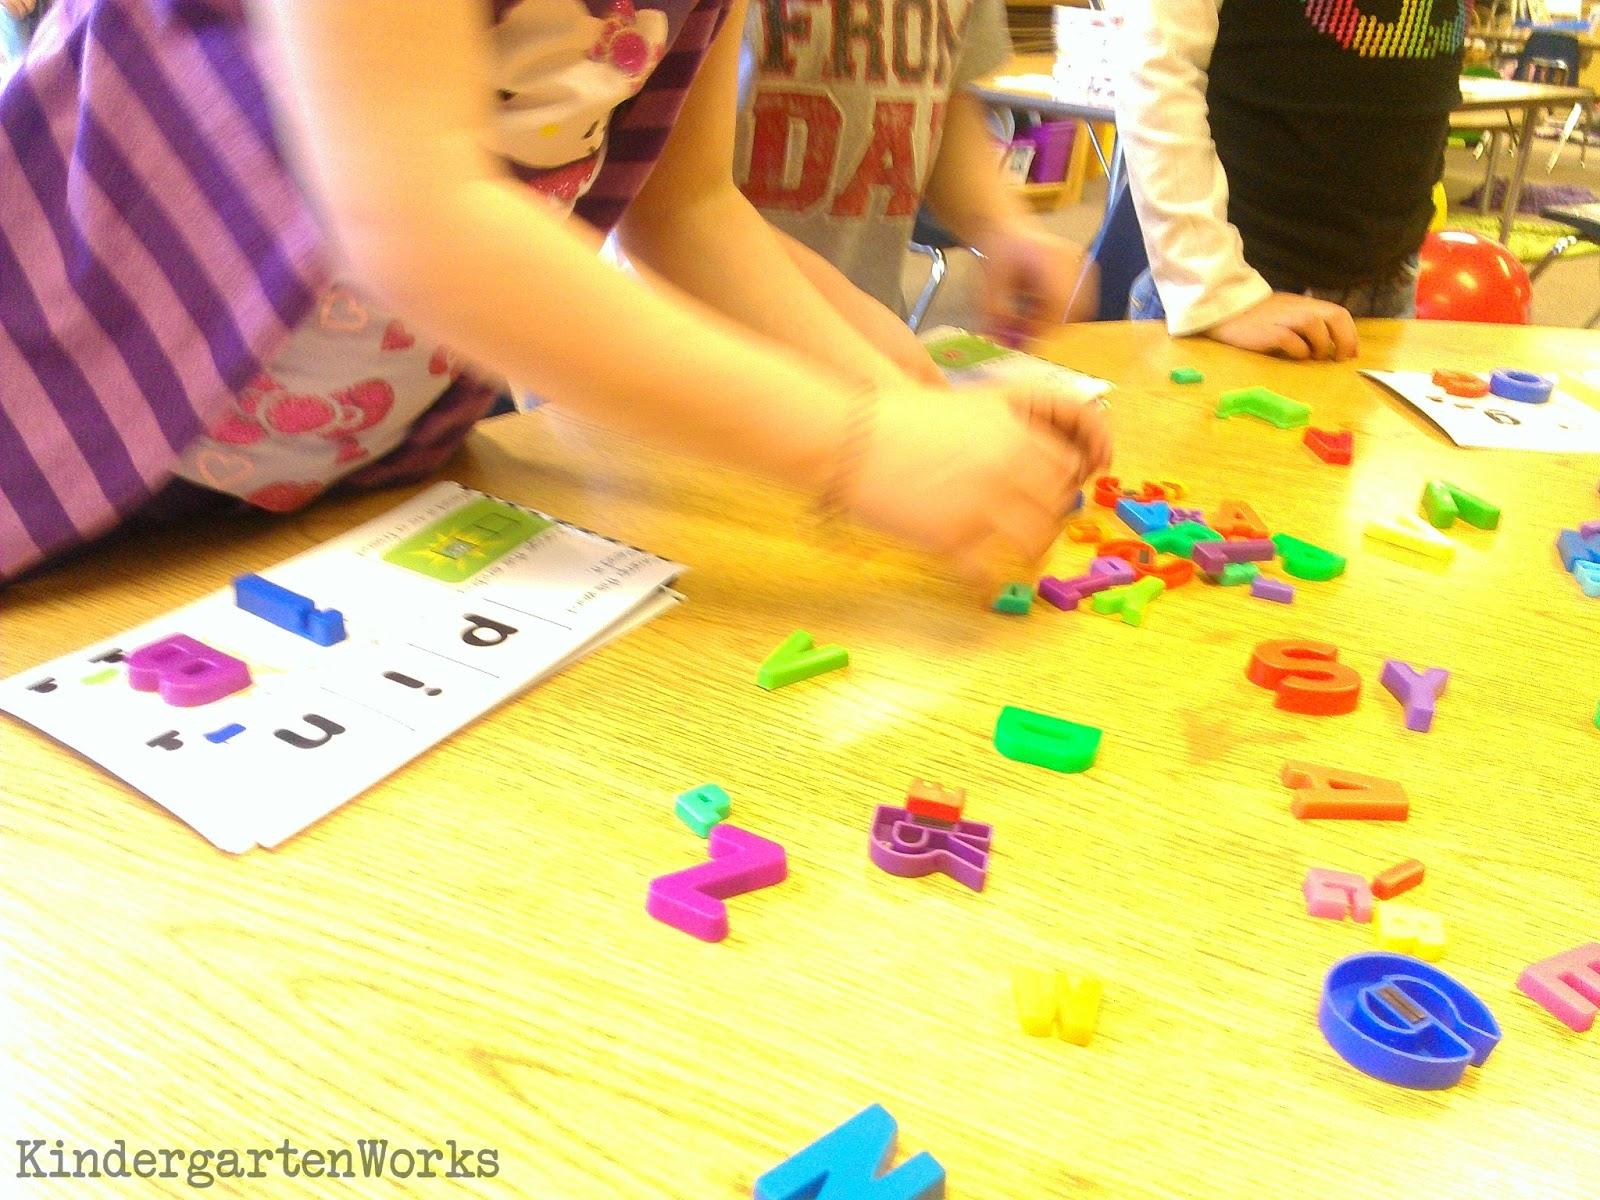 Kindergarten Word Work Manipulative Ideas